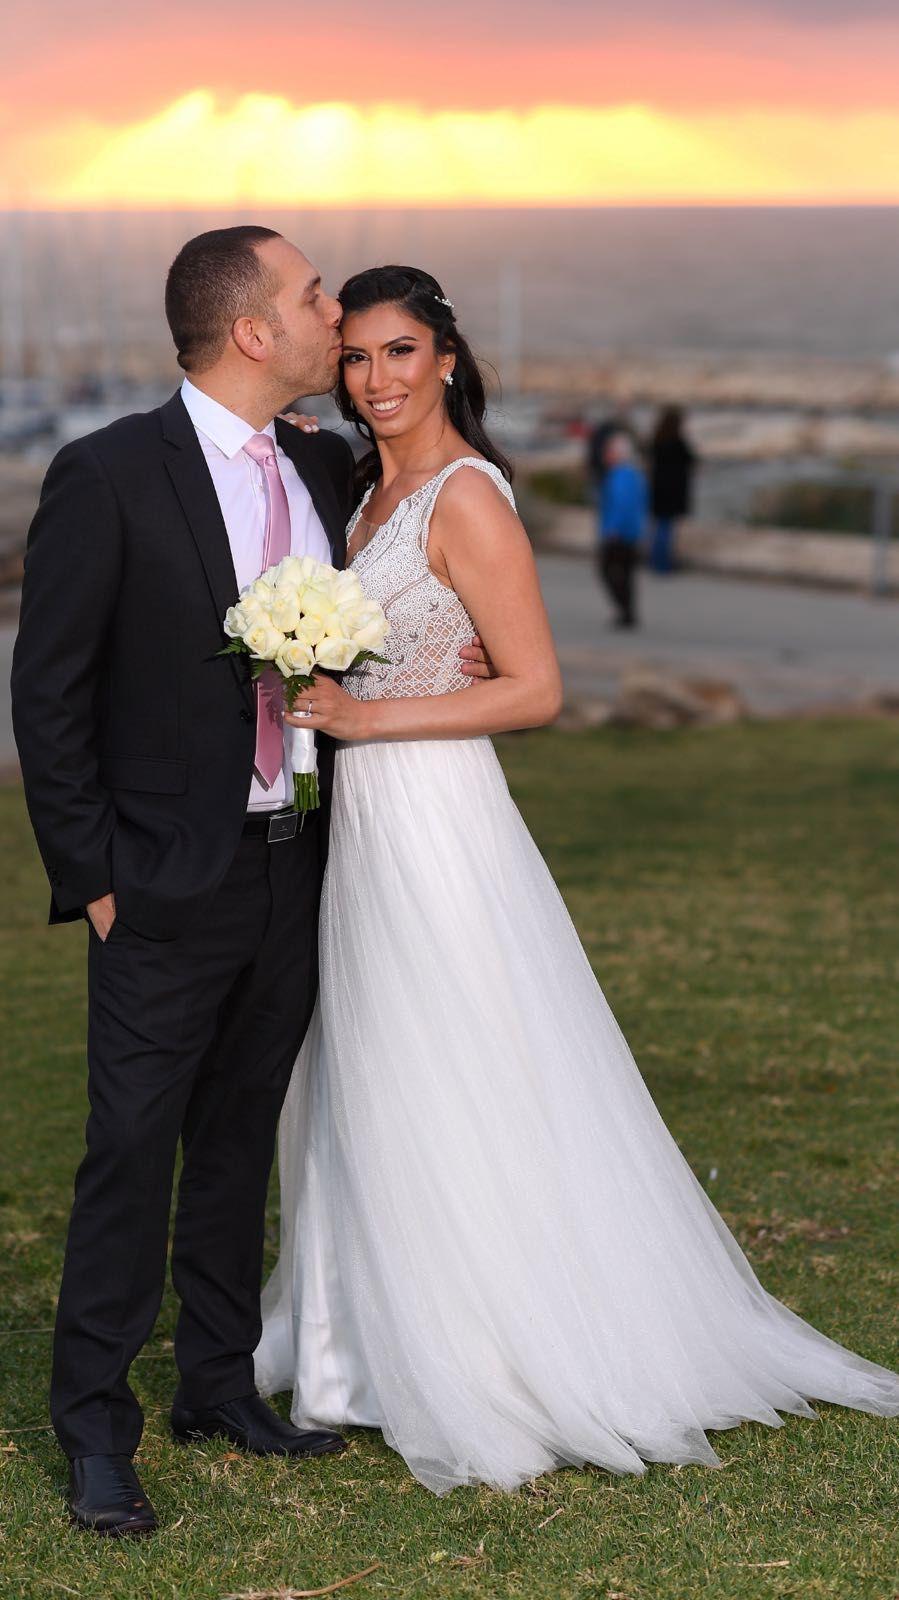 Destination of wedding destinationwedding yanivpersy bridal